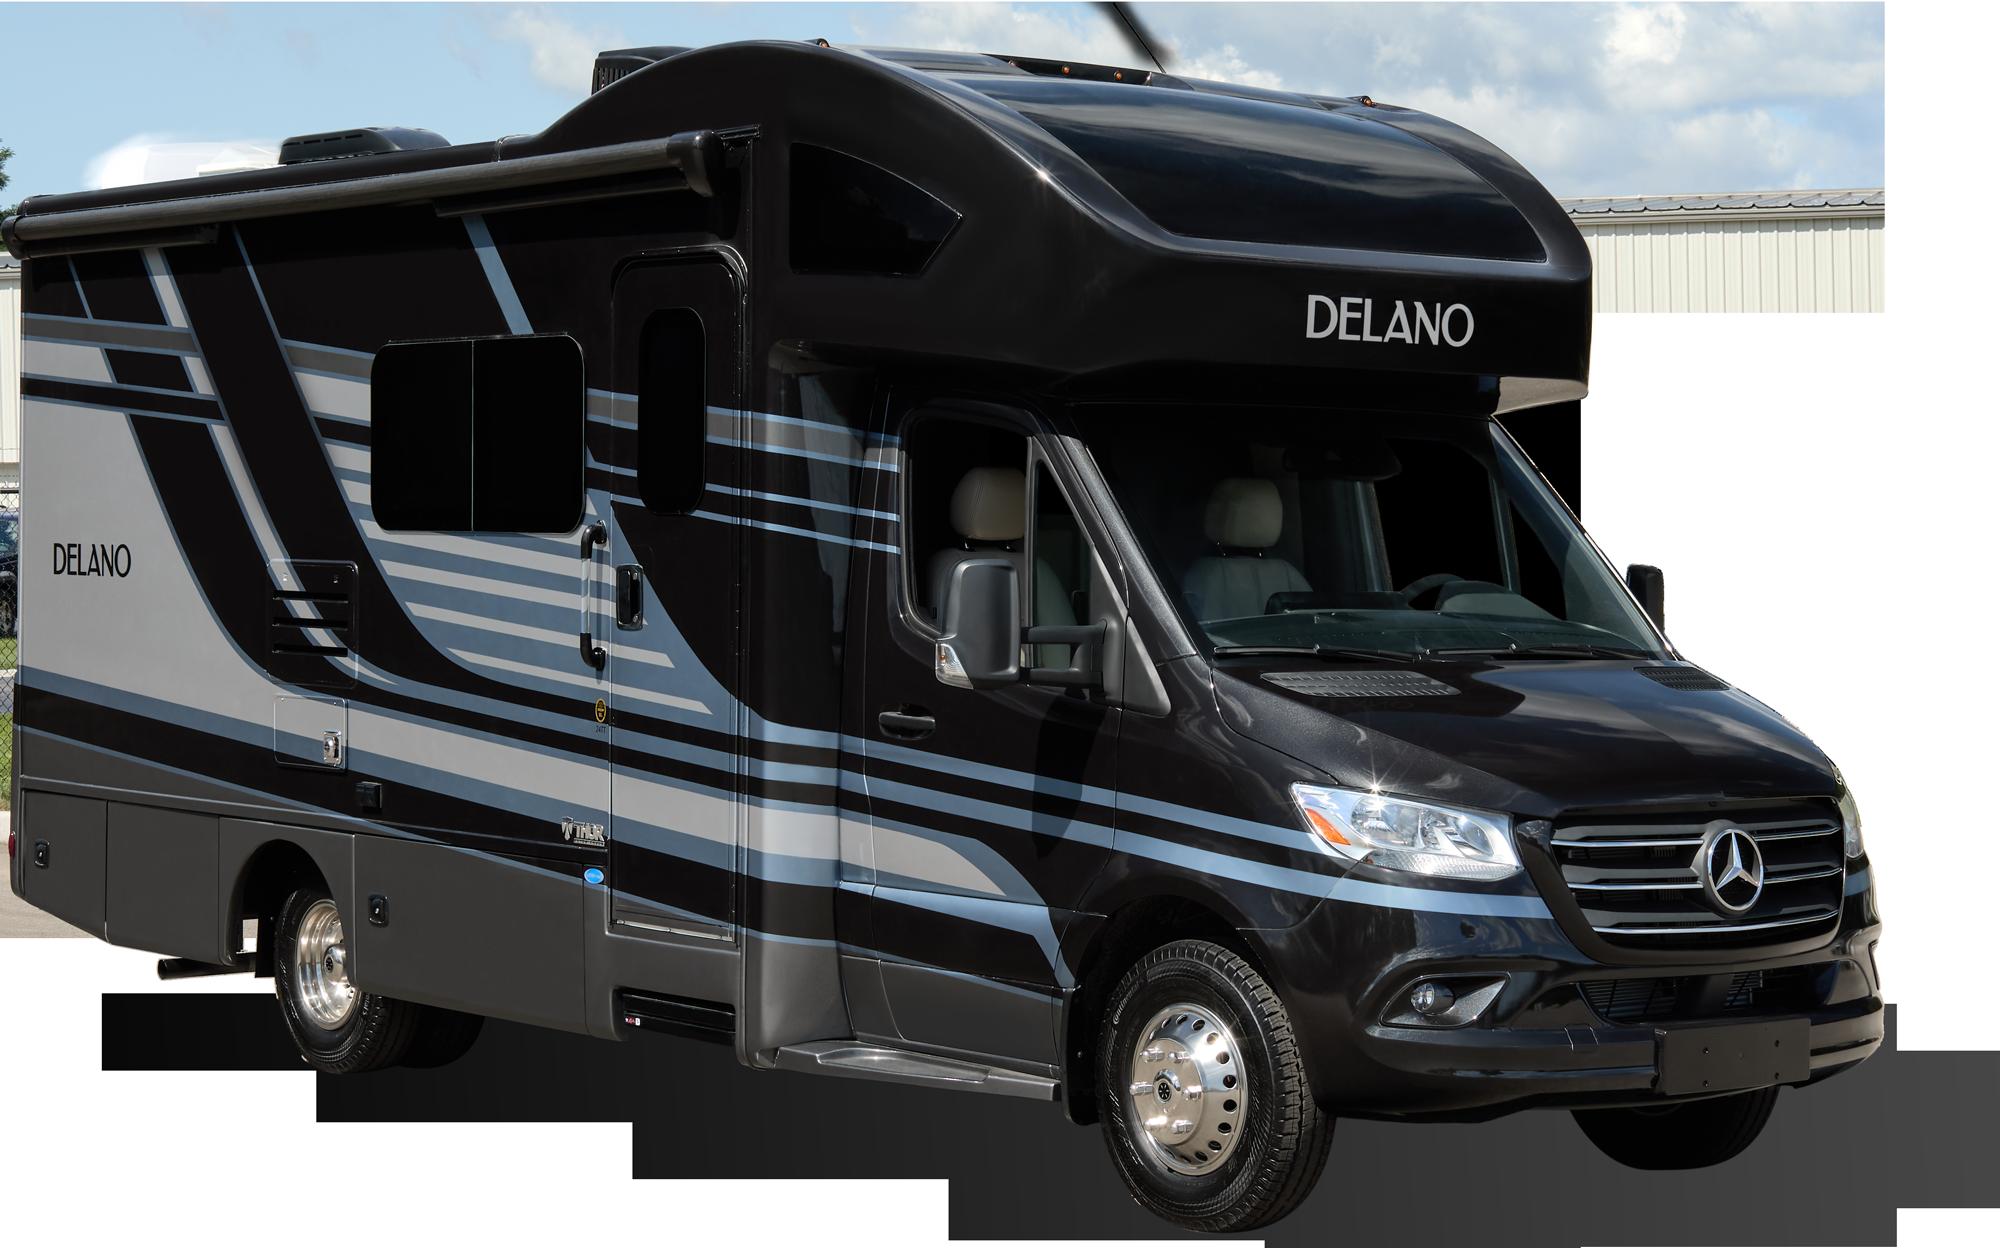 Delano Sprinter RV Exterior